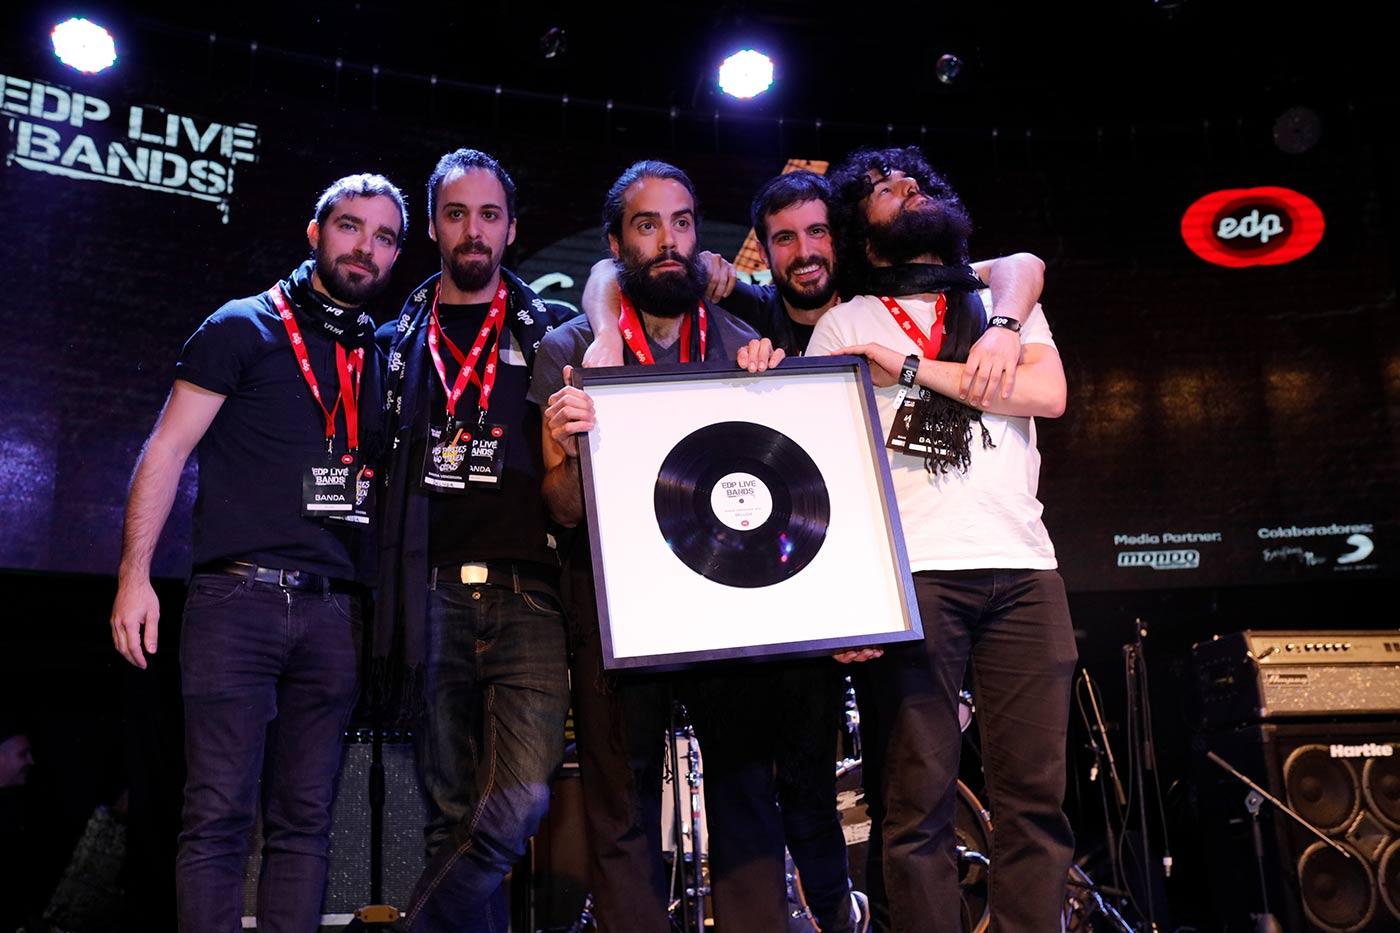 Beluga, ganadores de EDP Live Bands España 2019